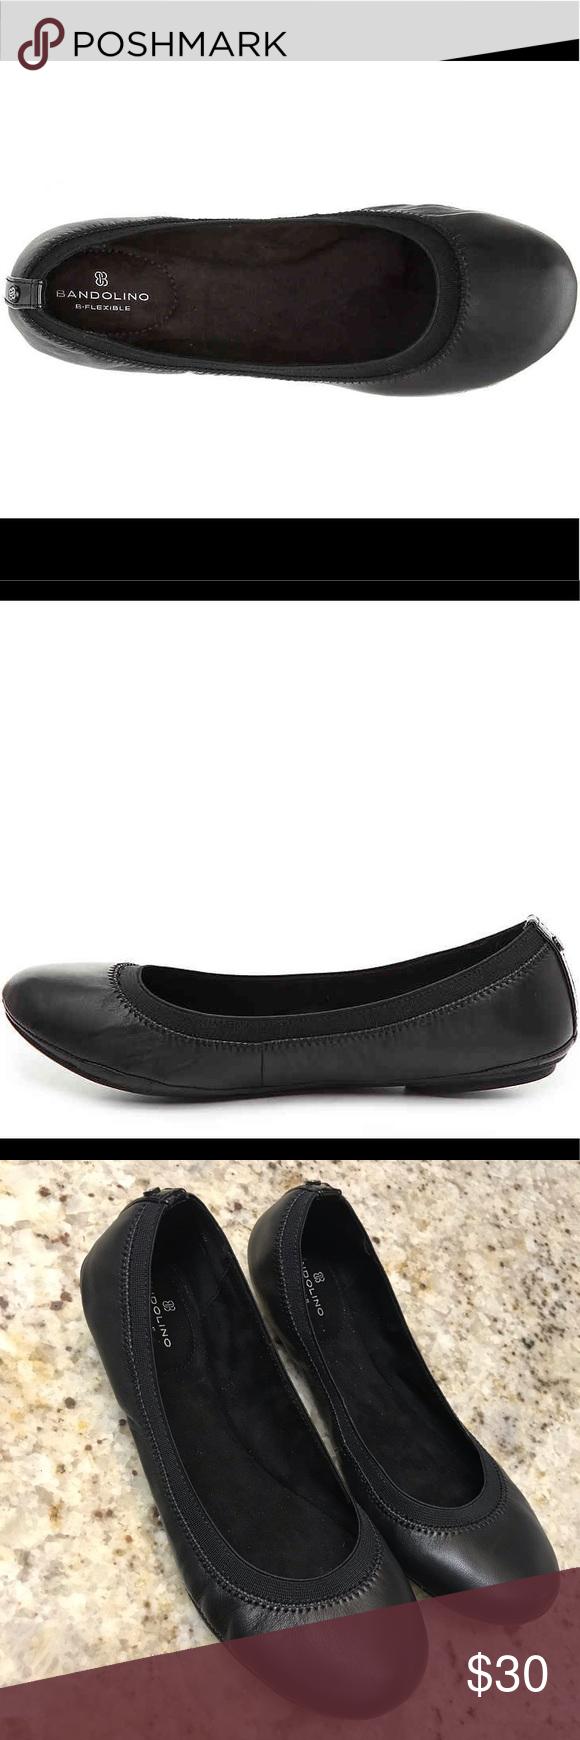 Bandolino Edition Ballet Flat   Ballet